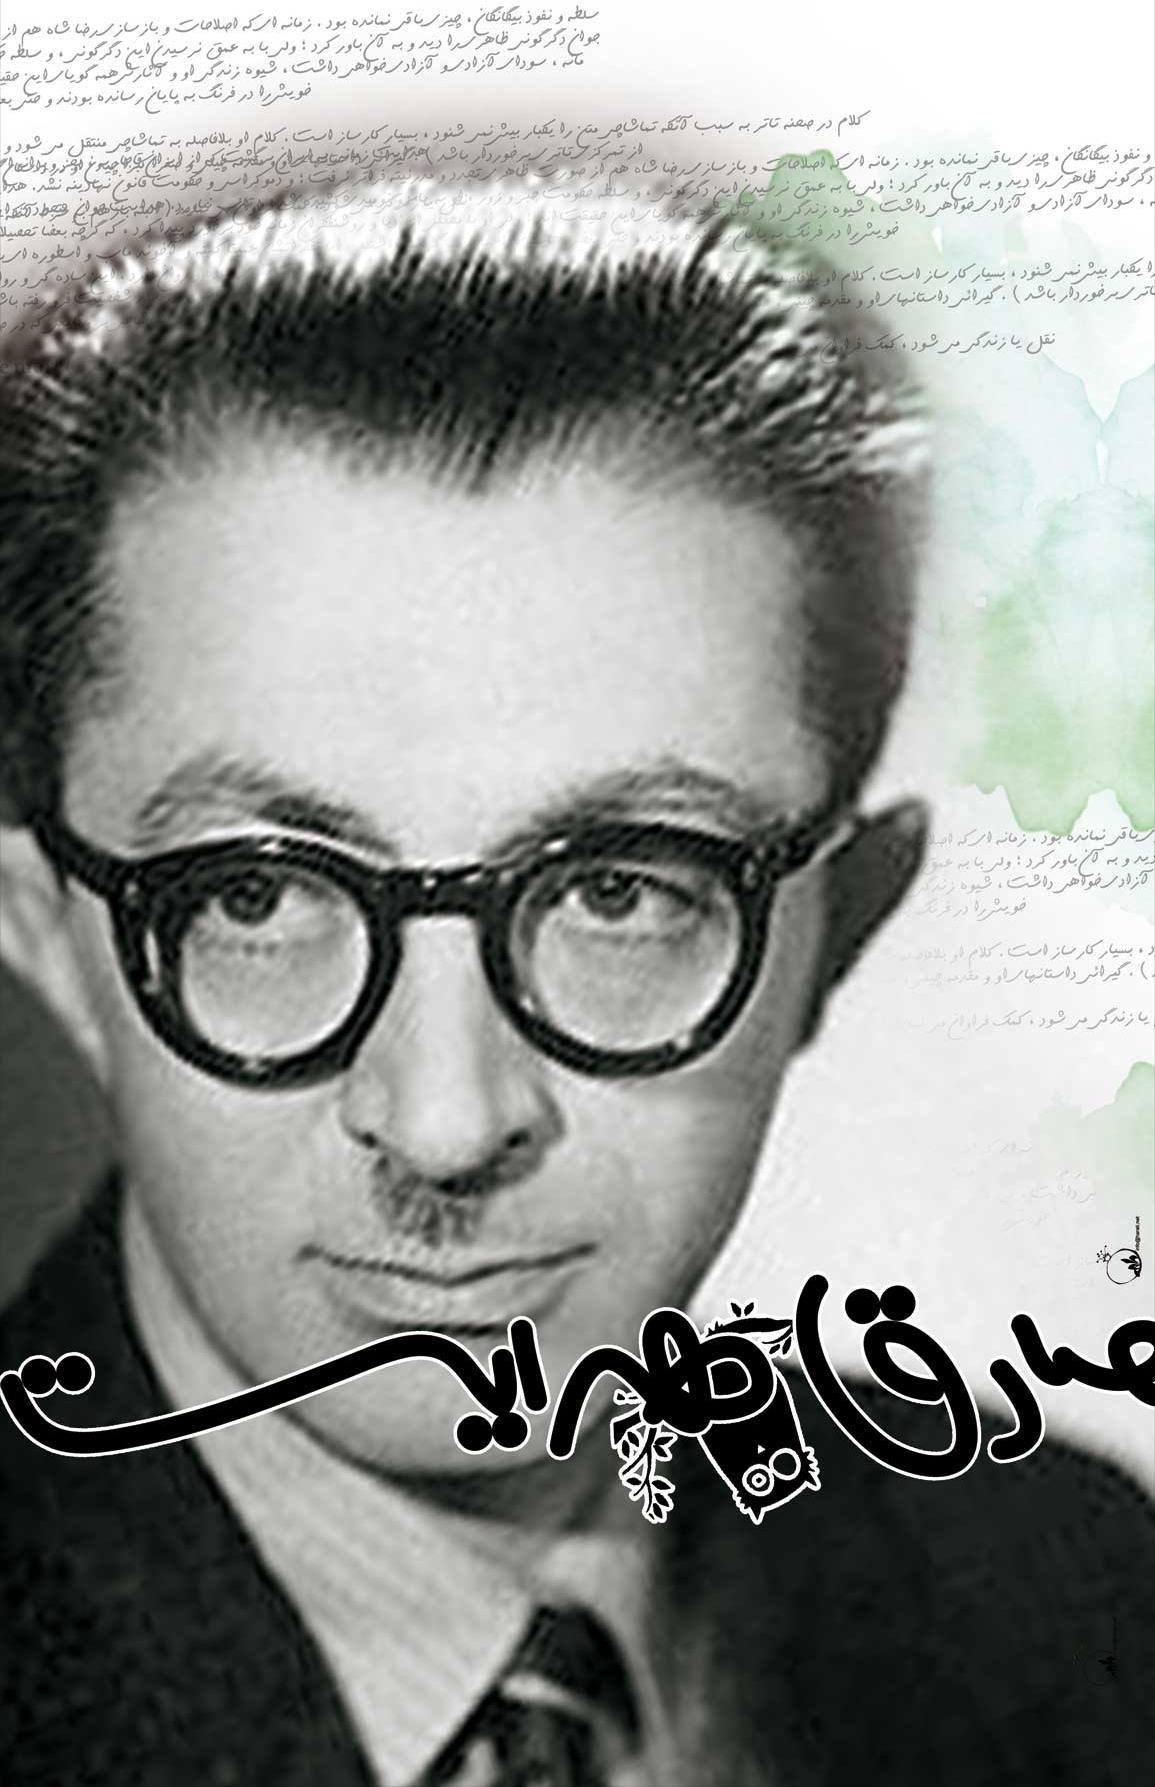 پناهندگی در فرانسه 2017 تاملی بر زندگی و نوشتههای تئاتری صادق هدایت با حضور ...